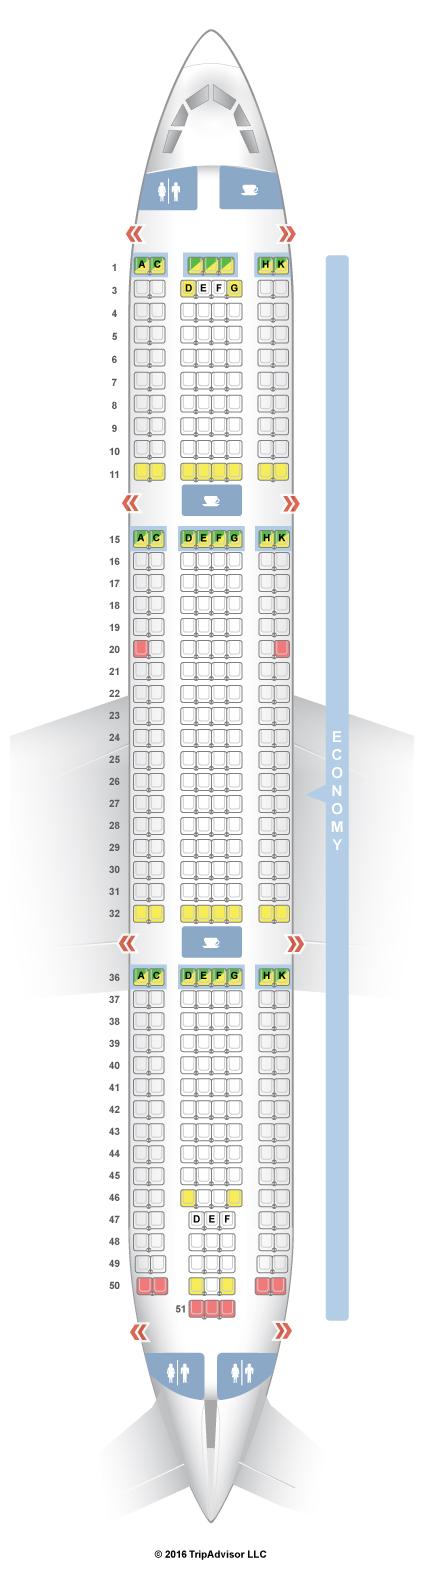 SeatGuru Seat Map WOW Air Airbus A V - Us airways a321 seat map